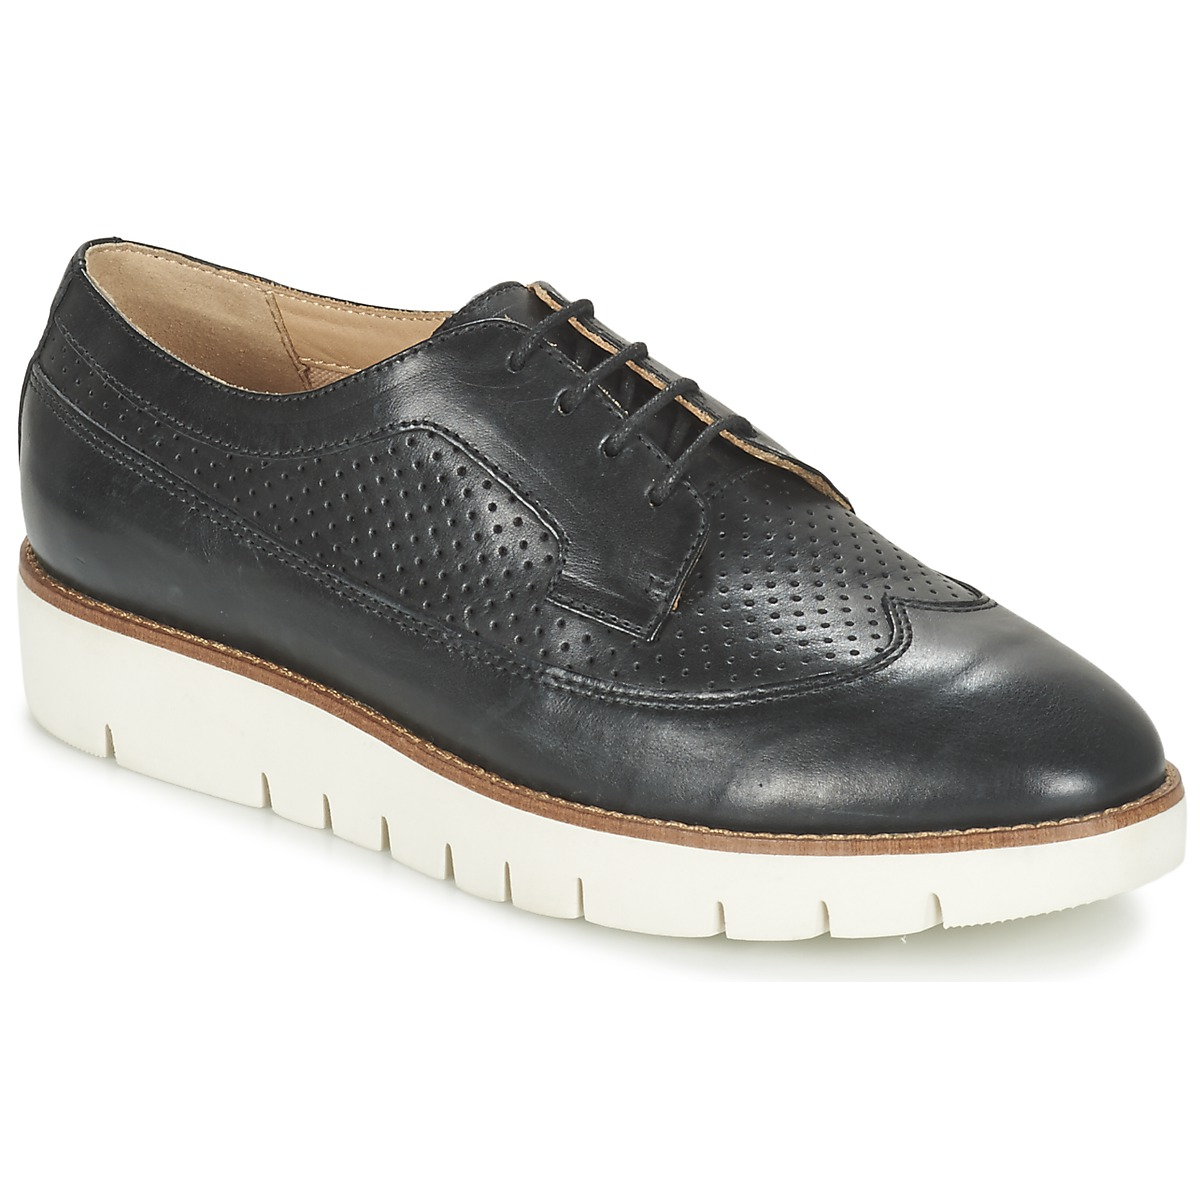 Geox D Blenda A Blanc-Beige - Chaussures Derbies Femme